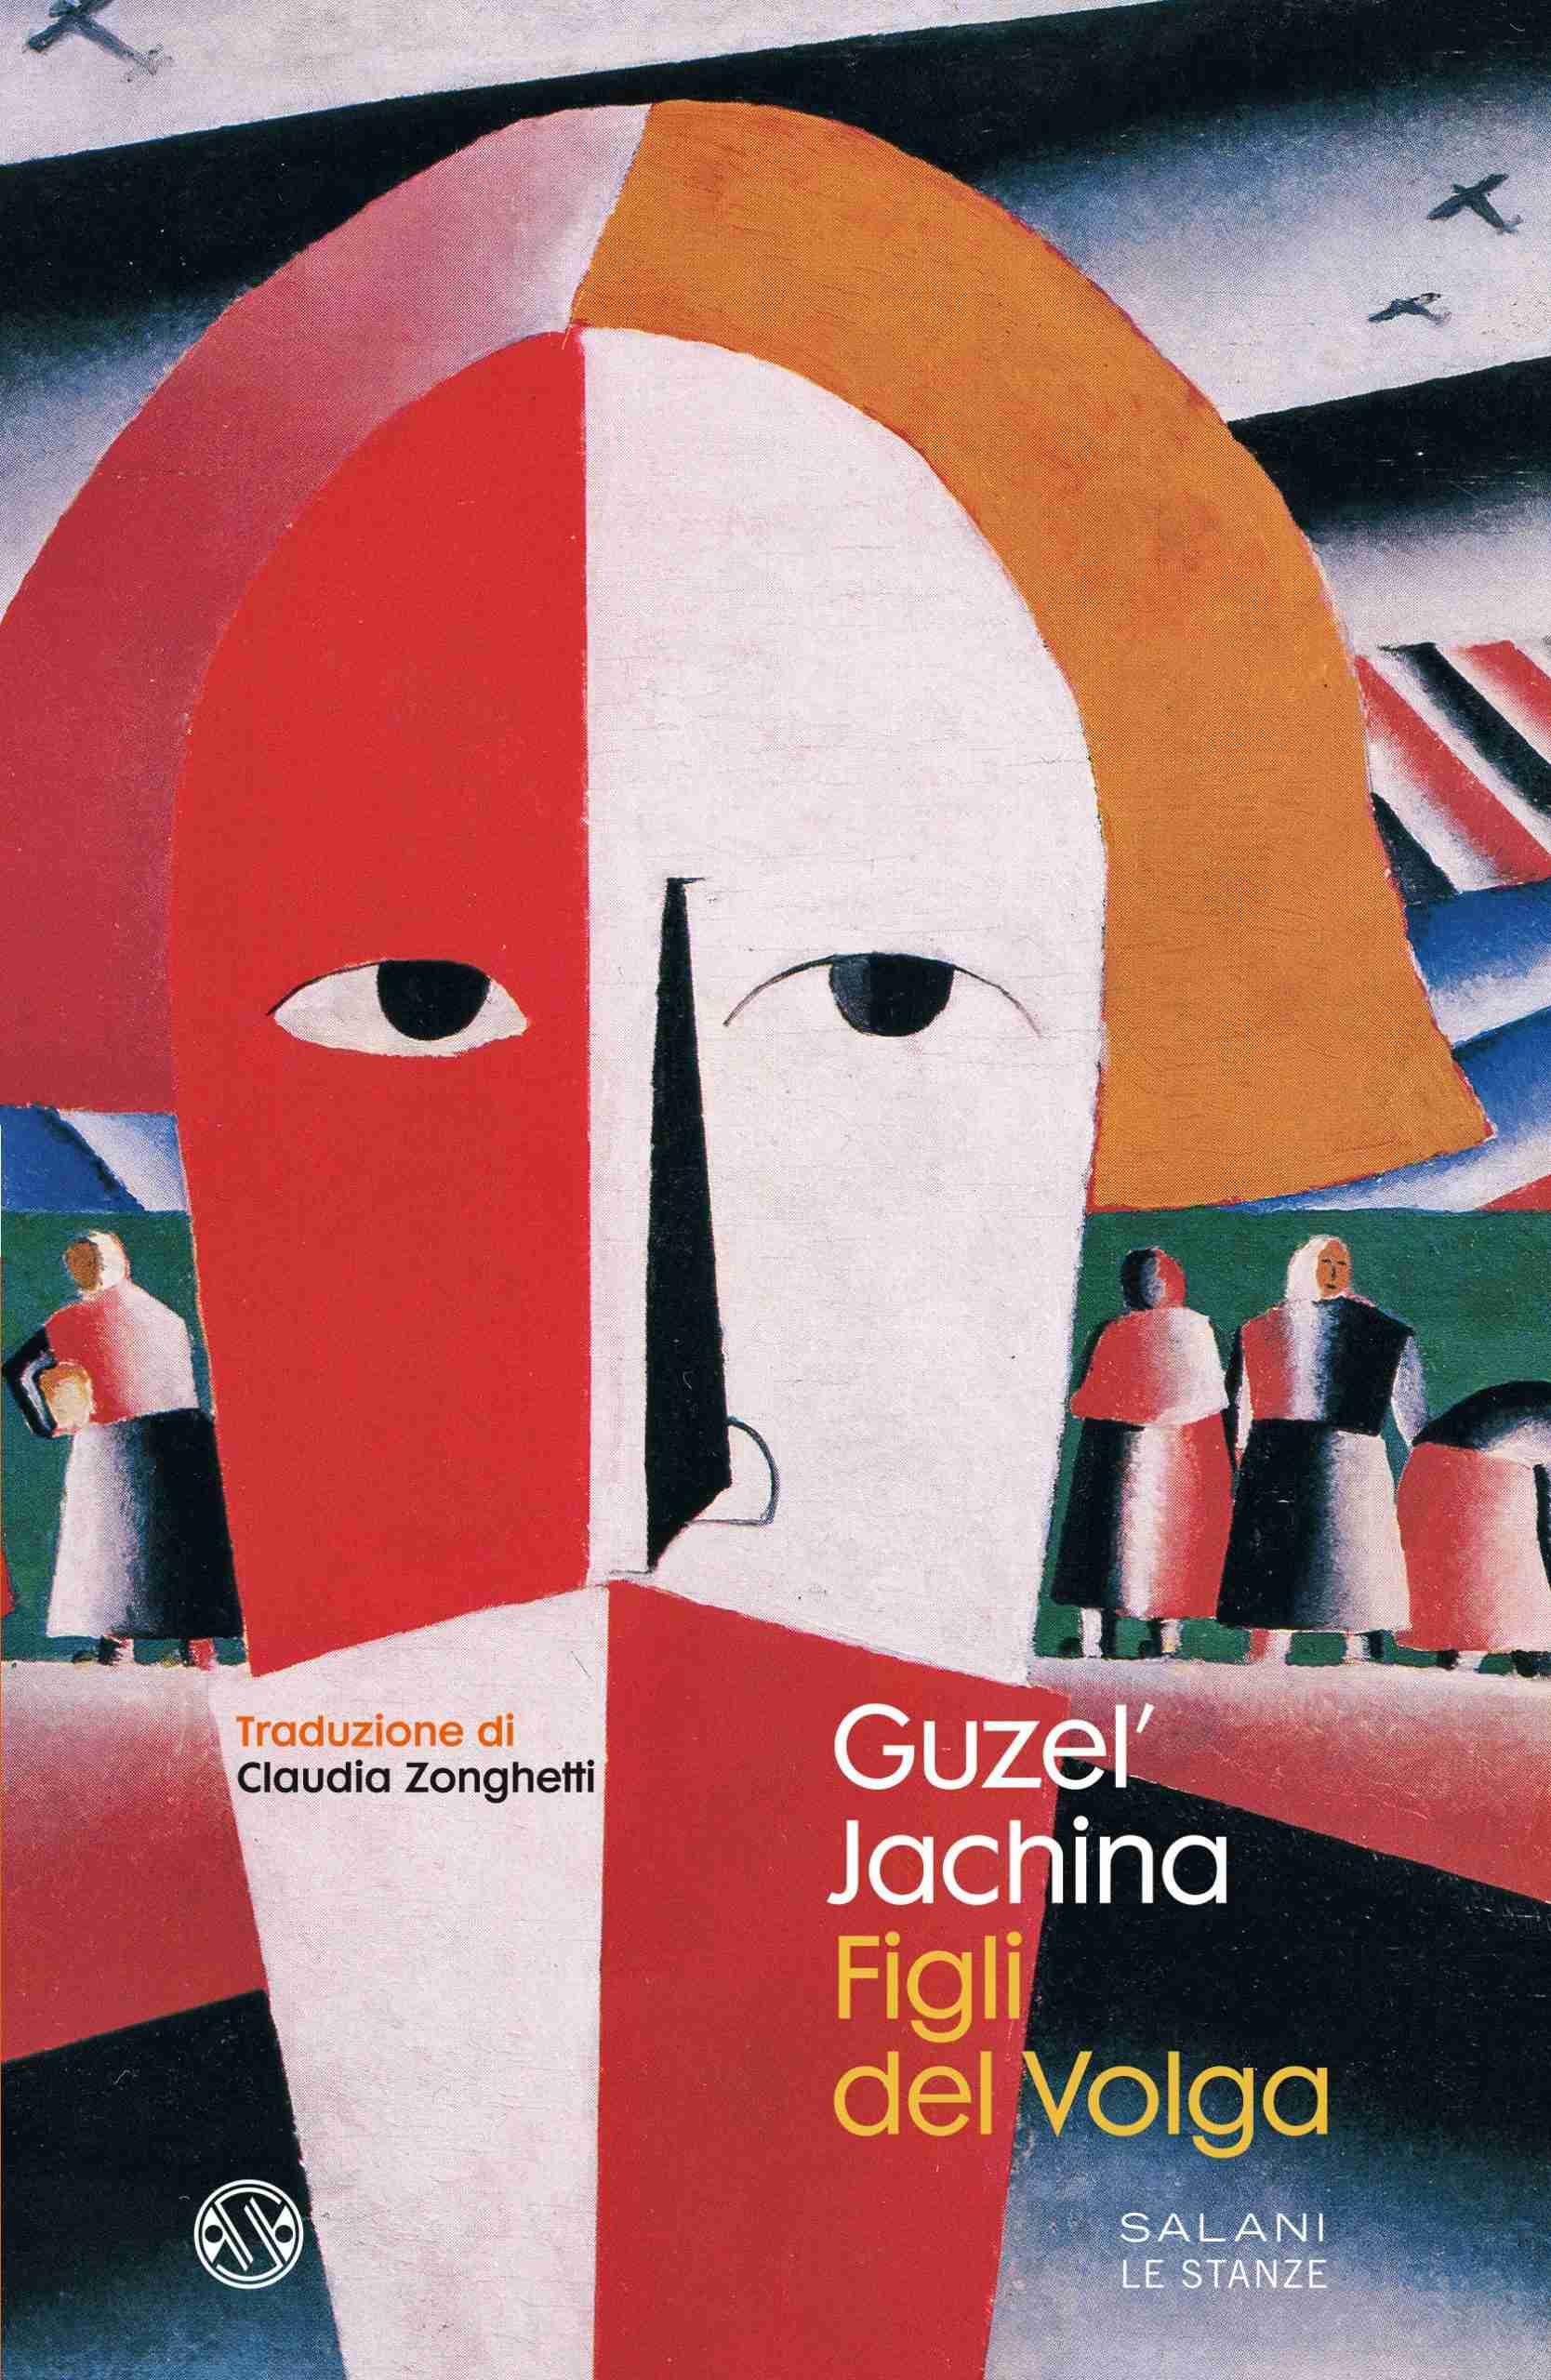 FIGLI DEL VOLGA di Guzel' Jachina, SALANI EDITORE